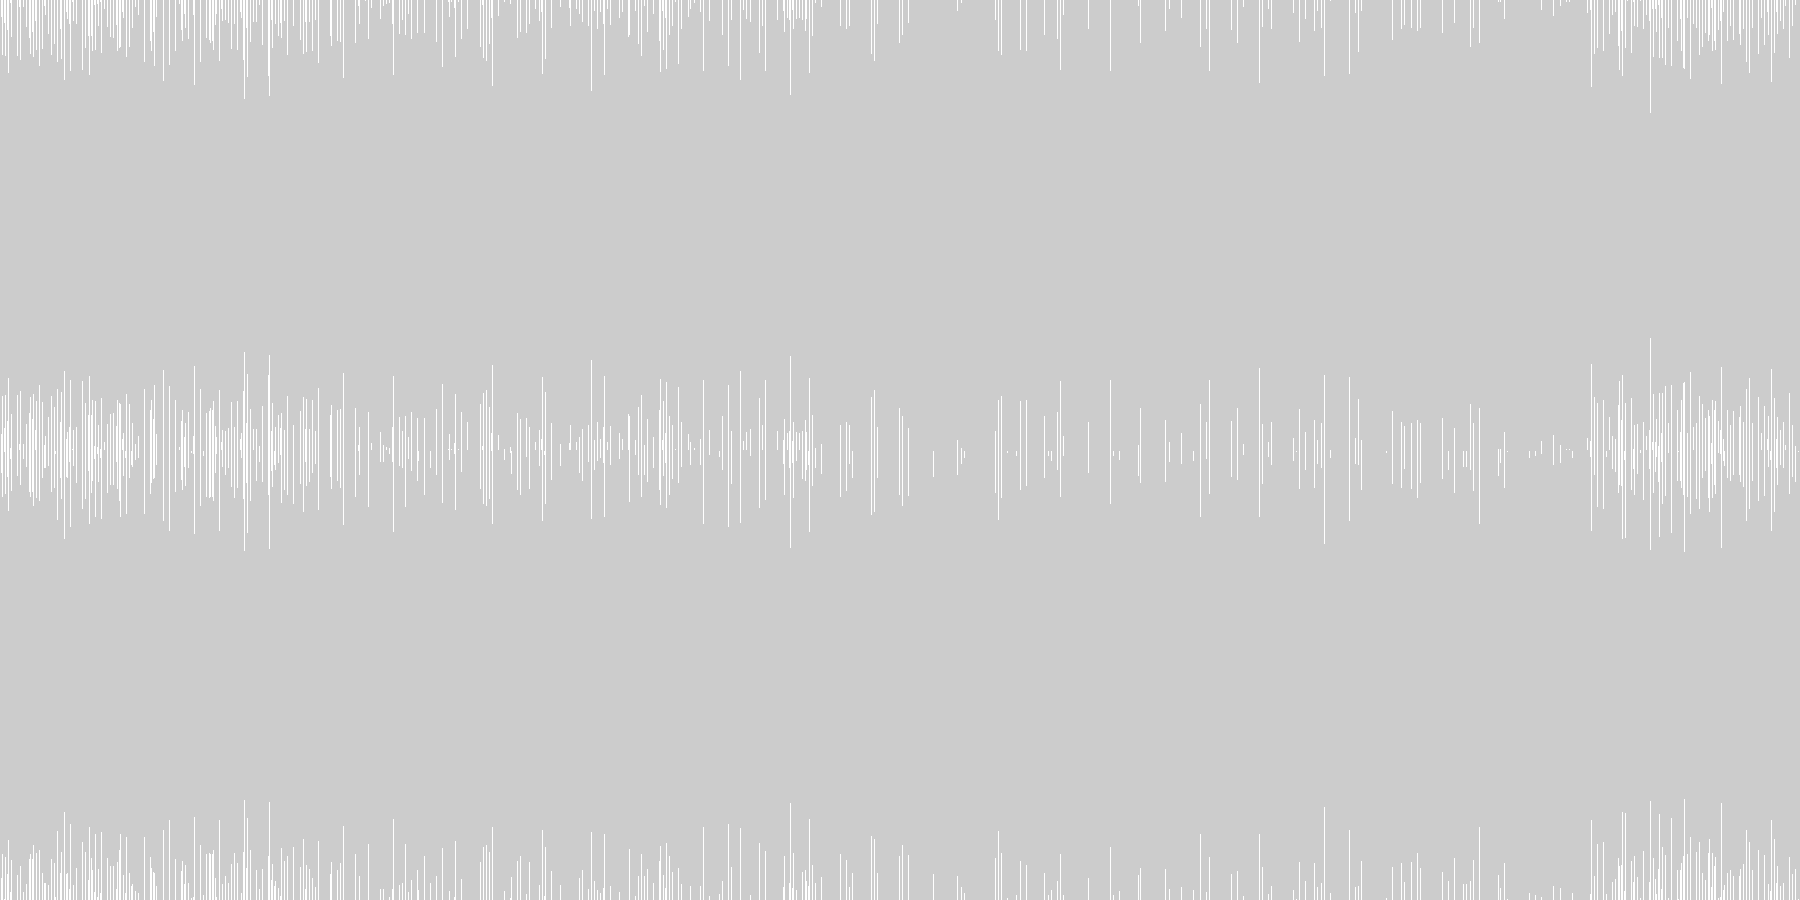 シューティングなど/疾走感/ループ可の未再生の波形